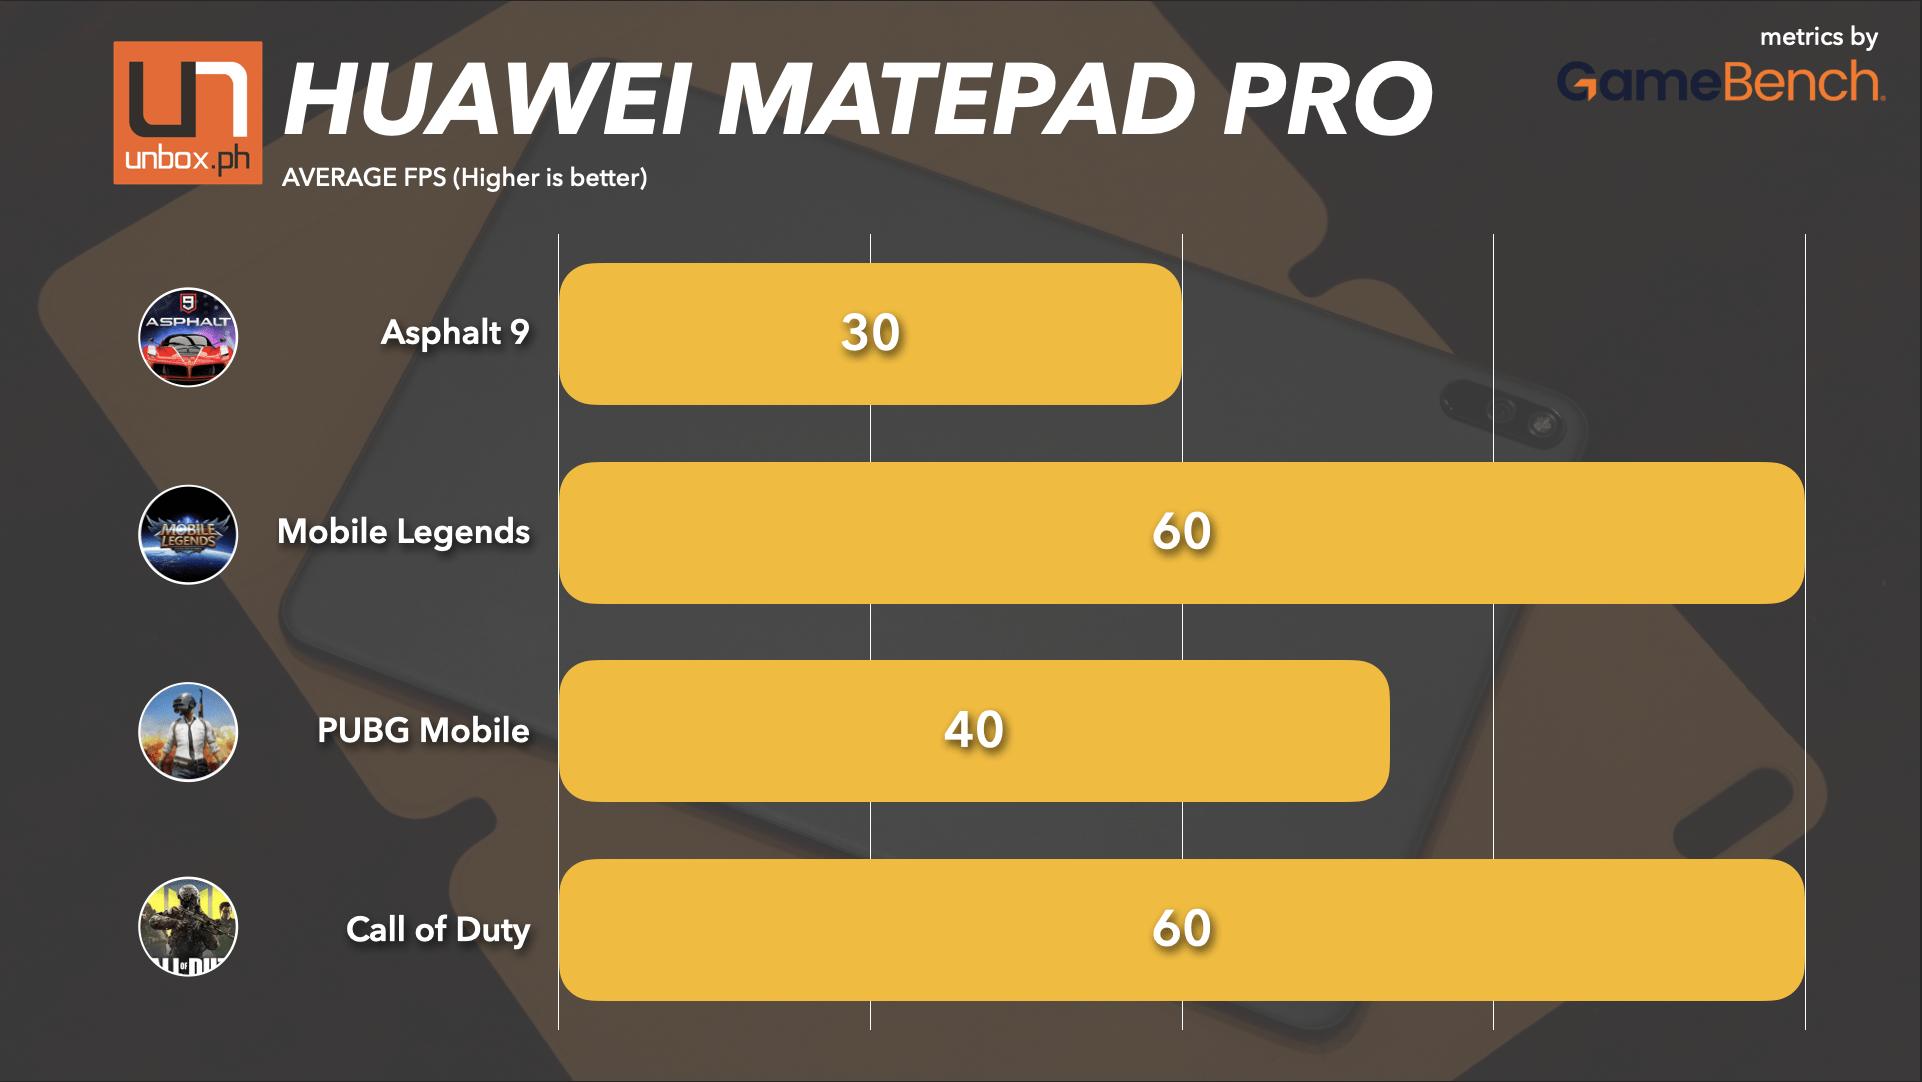 huawei matepad pro average fps on games